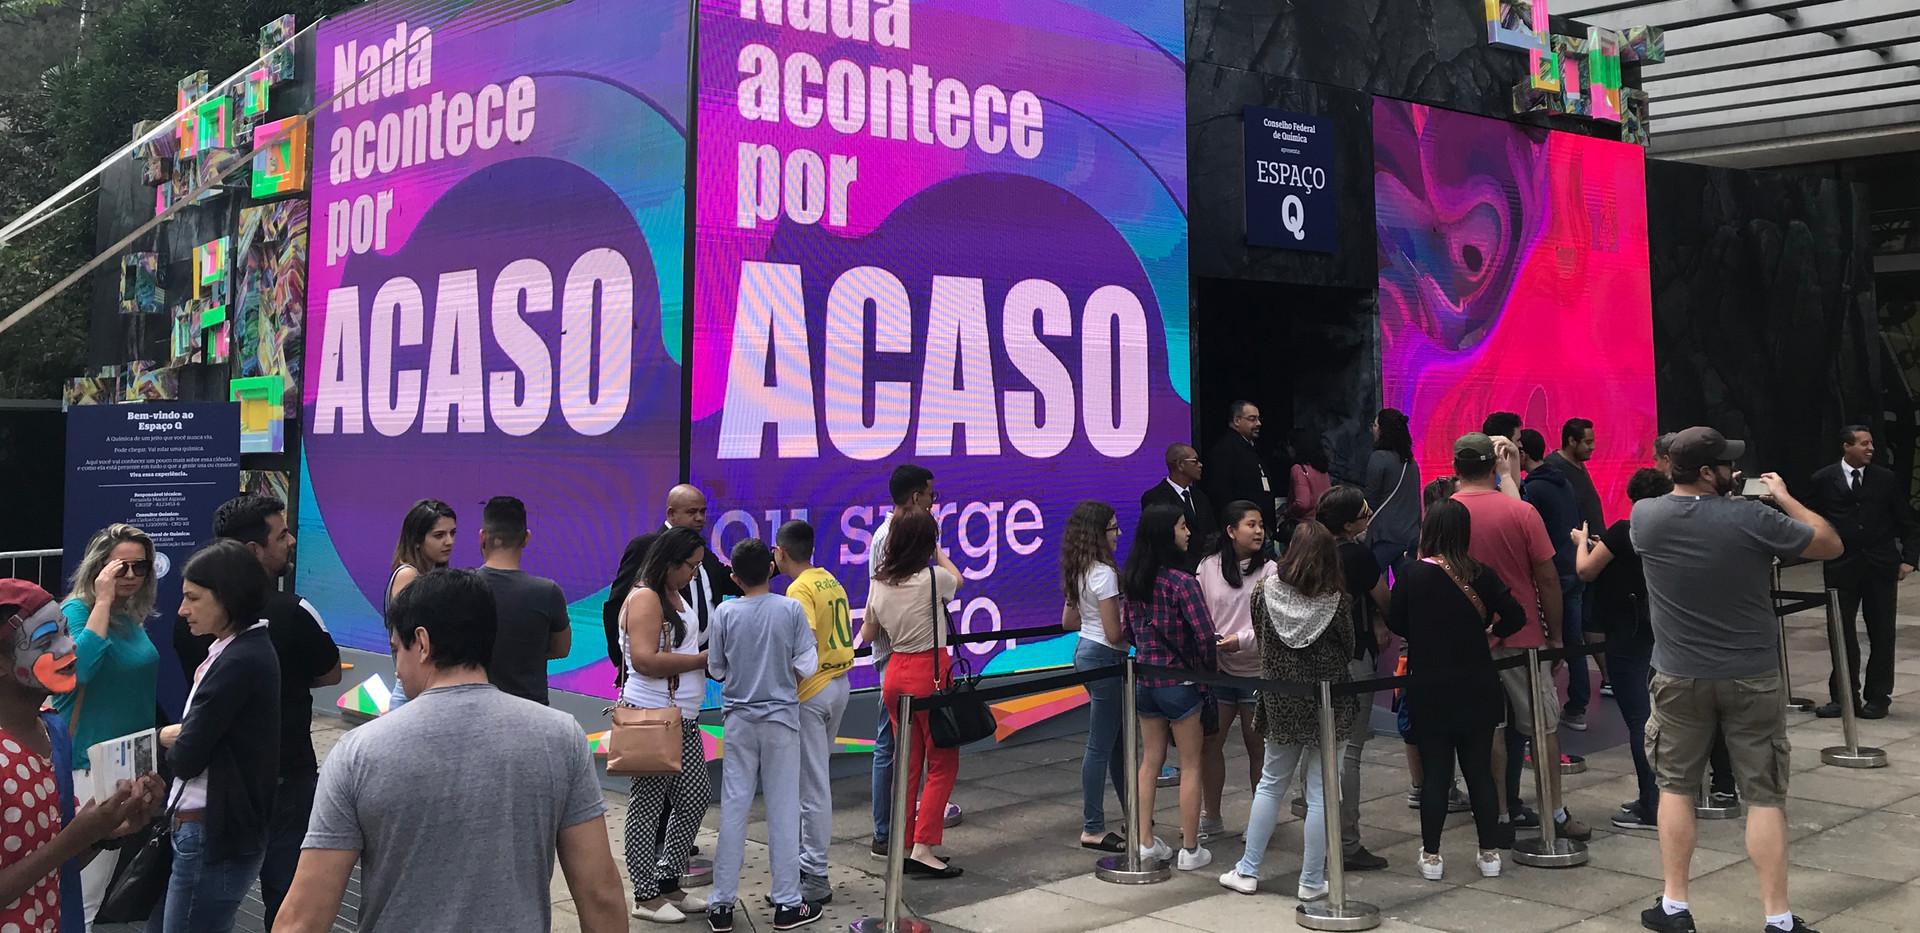 Espaco_Q_Paulista